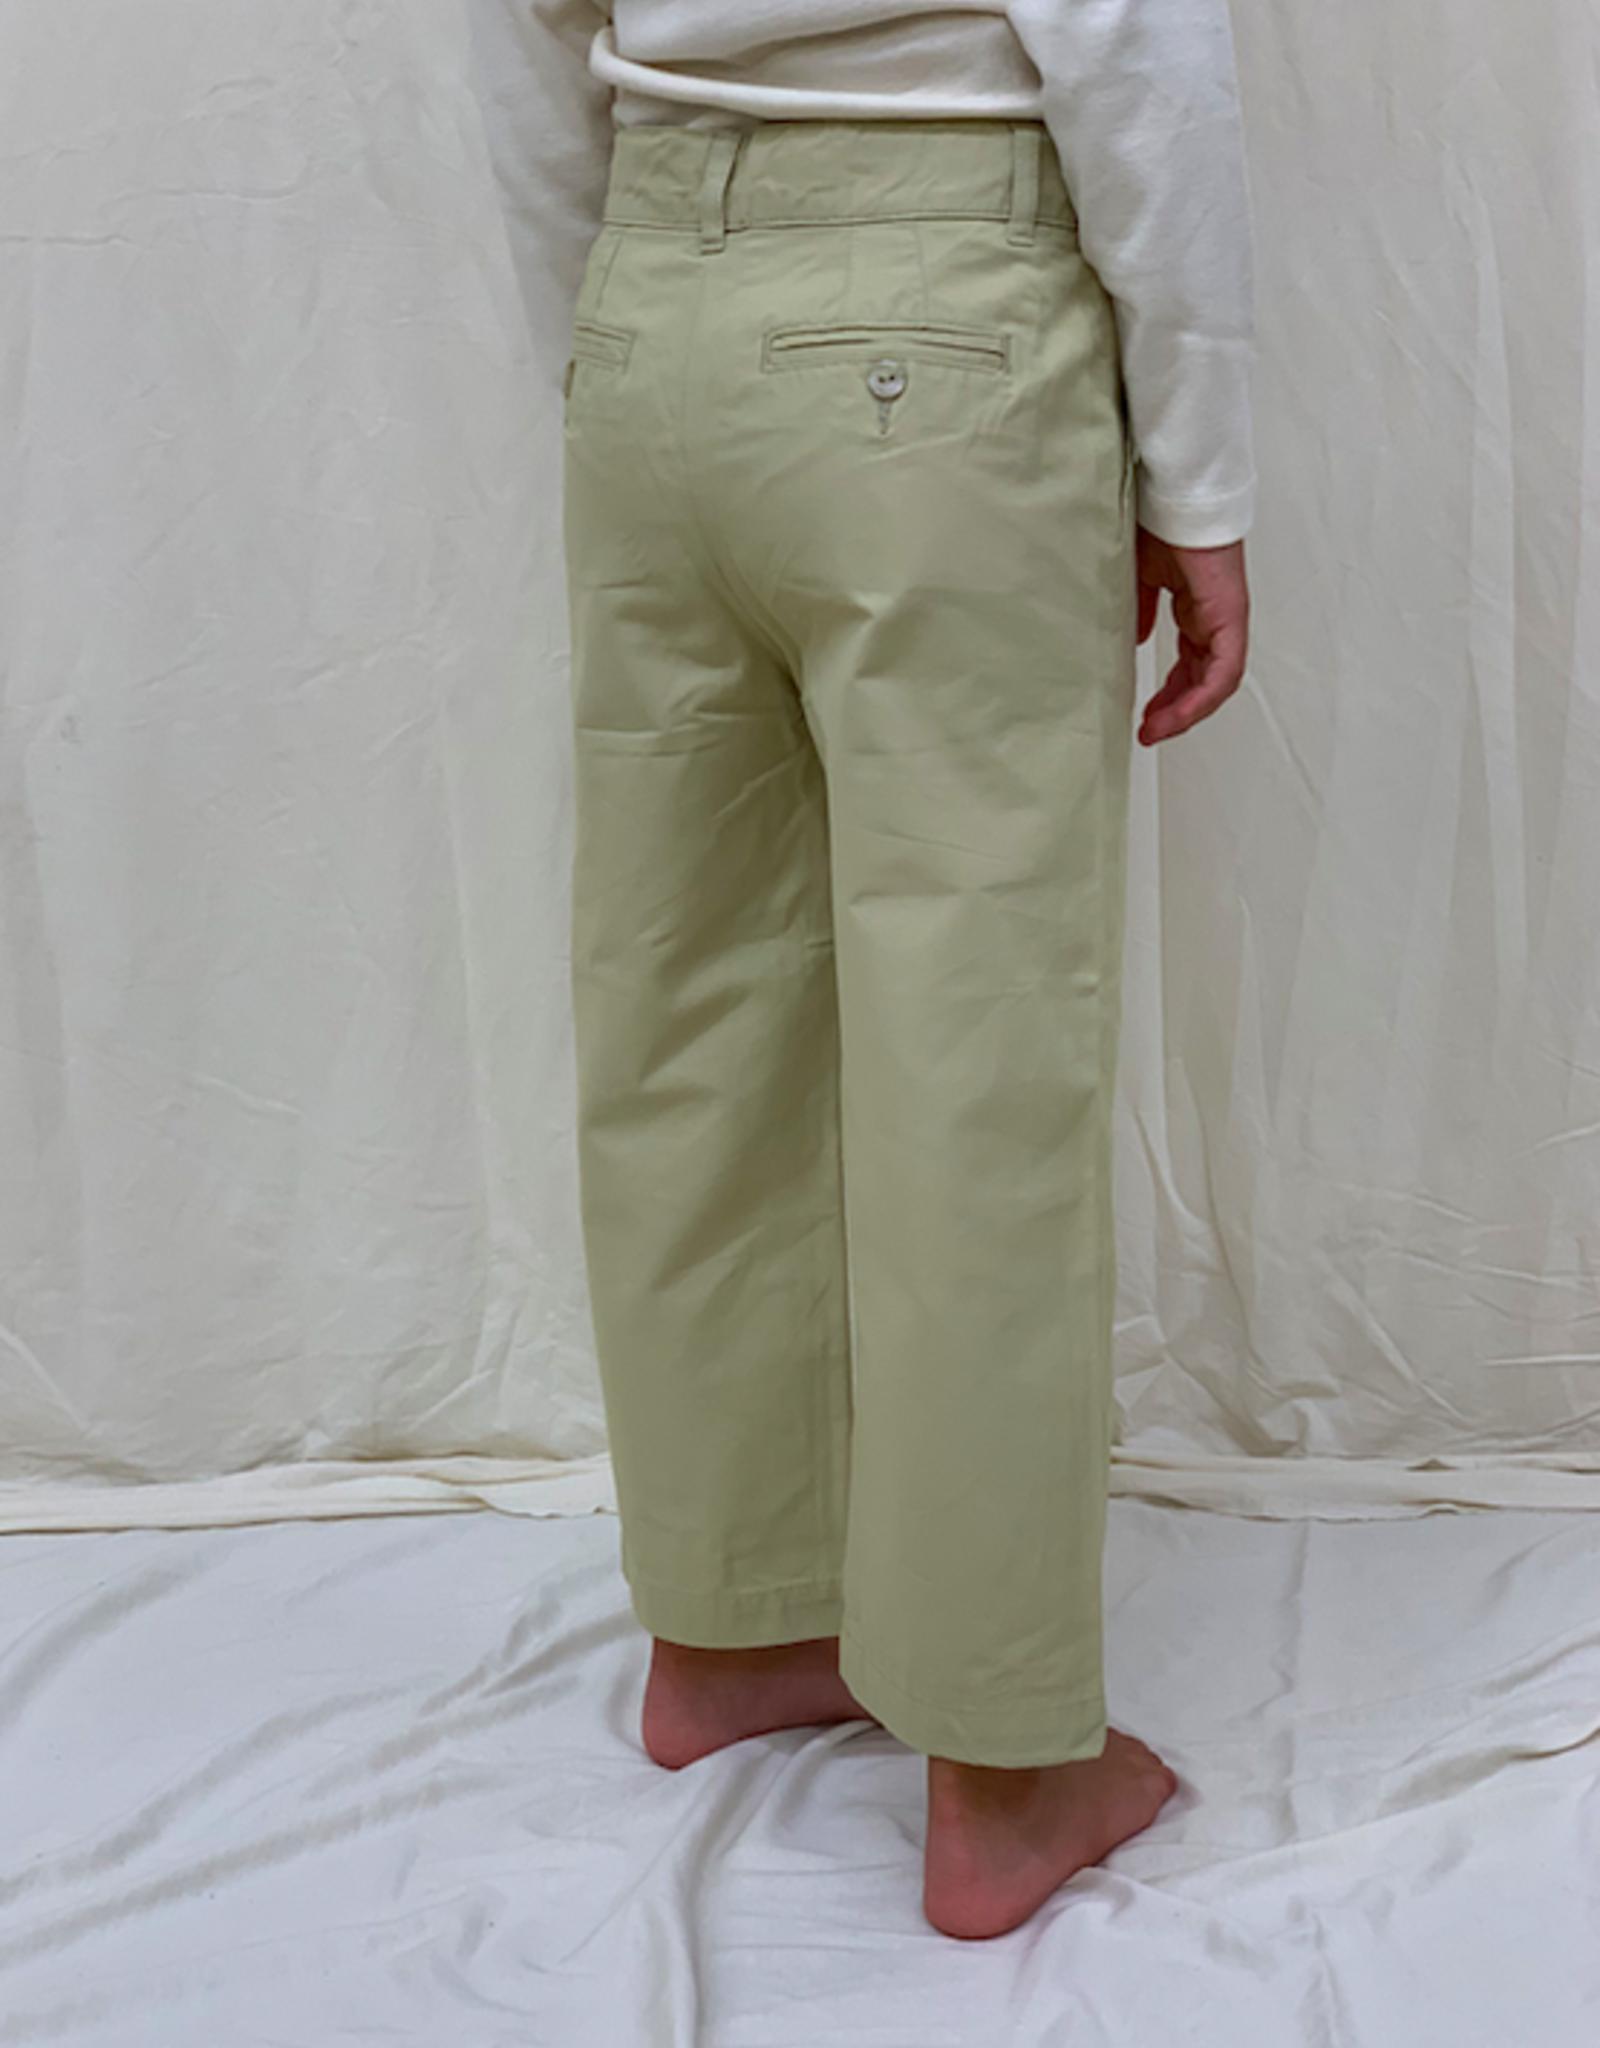 Pantalón largo junior. Tallas 8, 10, 12 años.